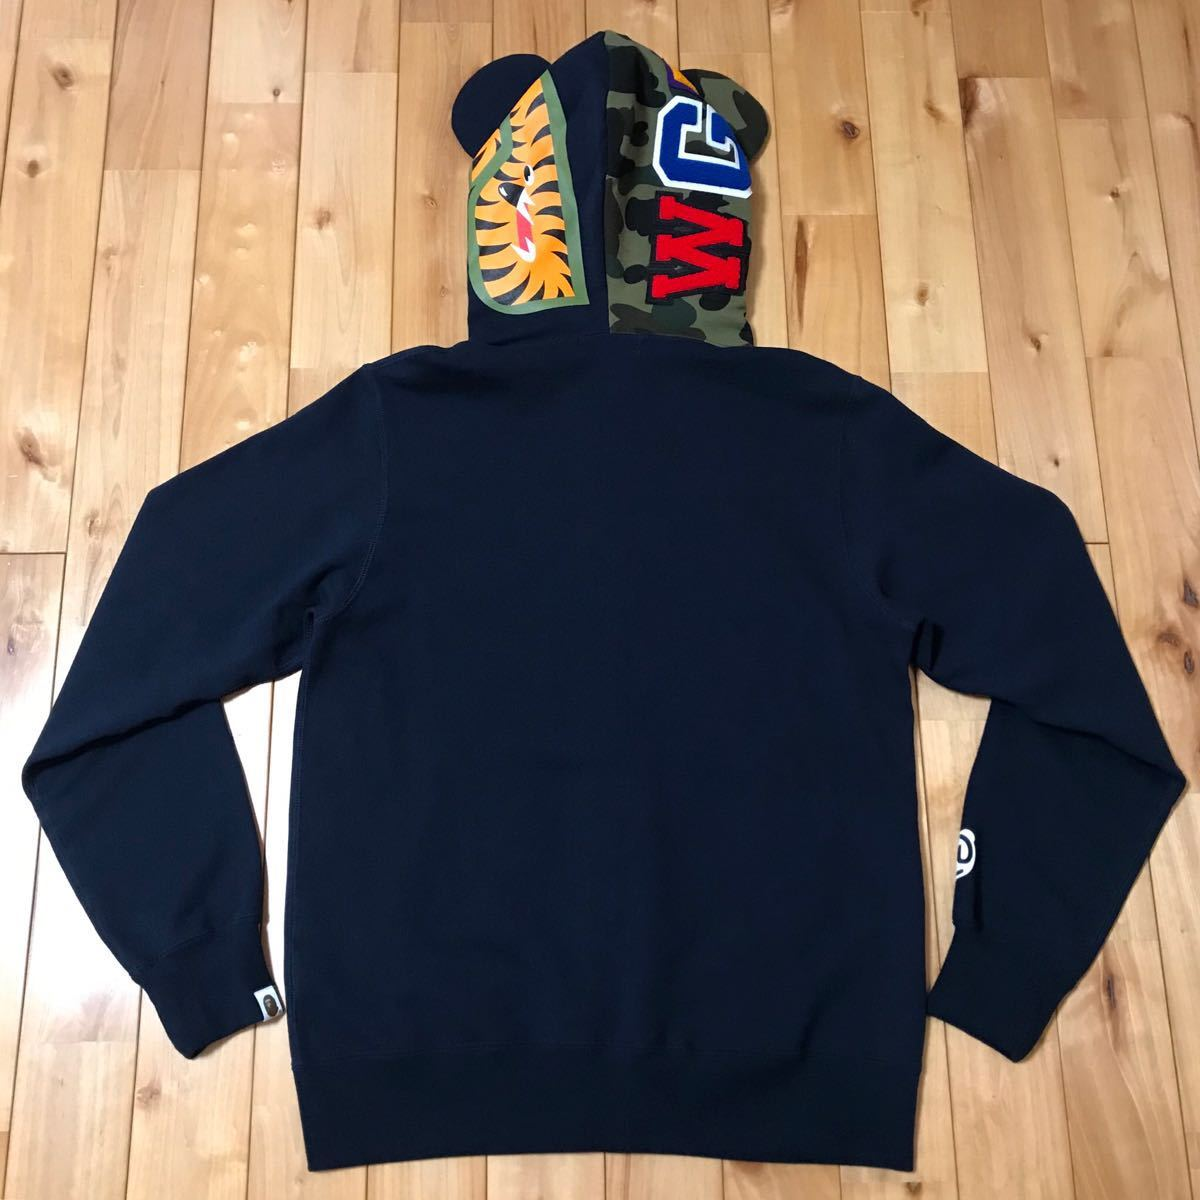 ★新品★ ベアブリック シャーク パーカー L shark full zip hoodie a bathing ape bape エイプ ベイプ medicom toy メディコムトイ WGM_画像5